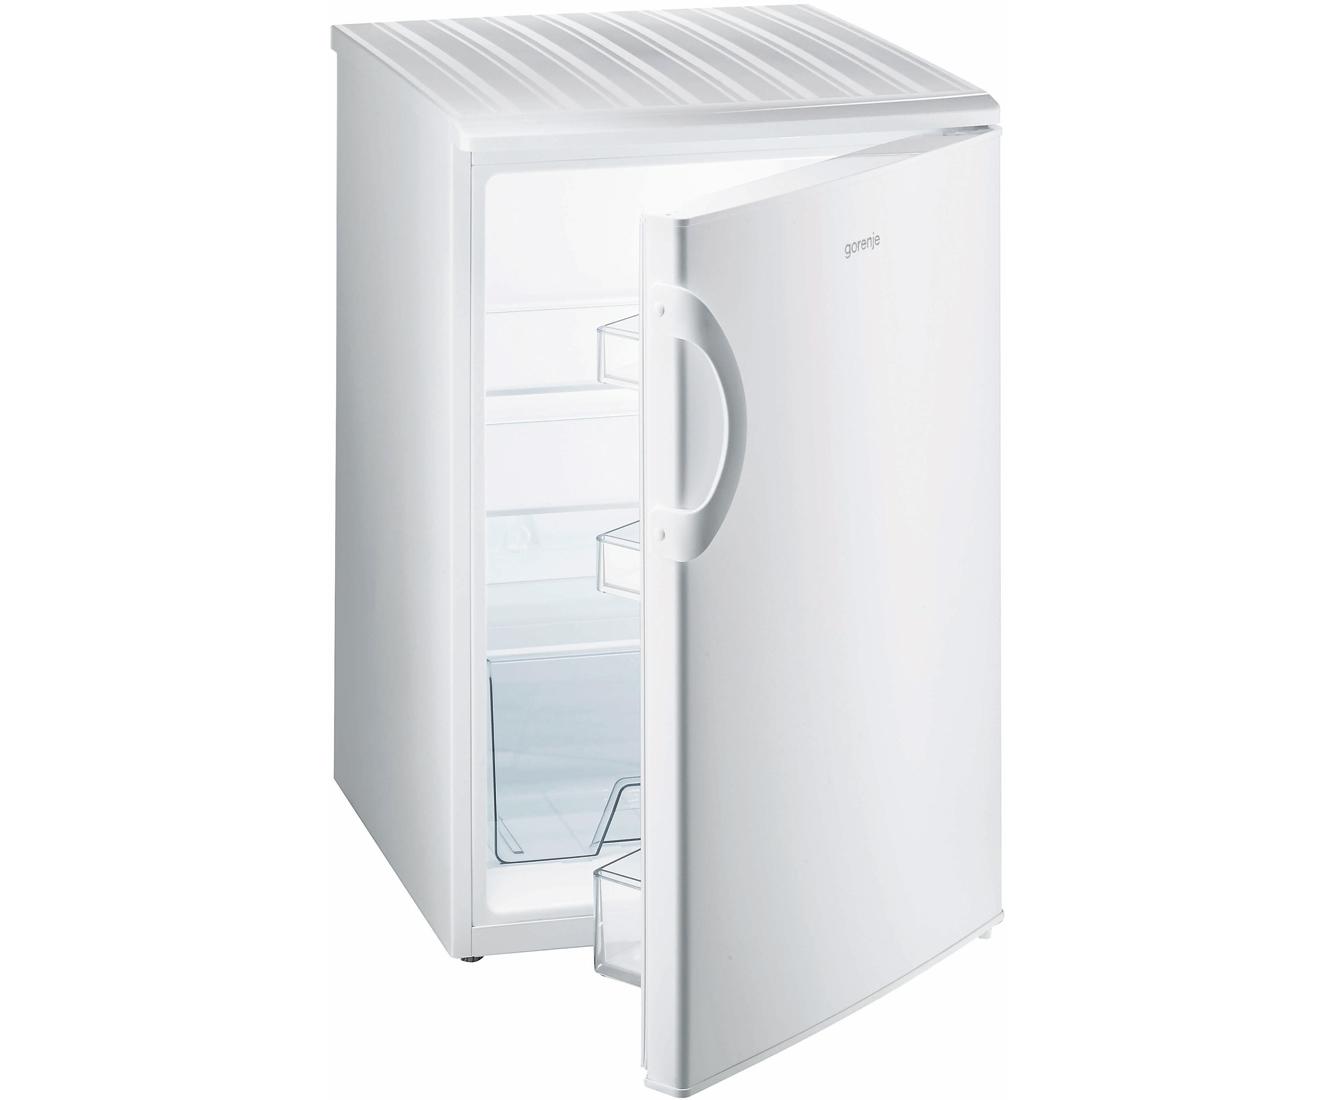 Gorenje Kühlschrank Freistehend : Gorenje r 4092 anw kühlschrank weiß a